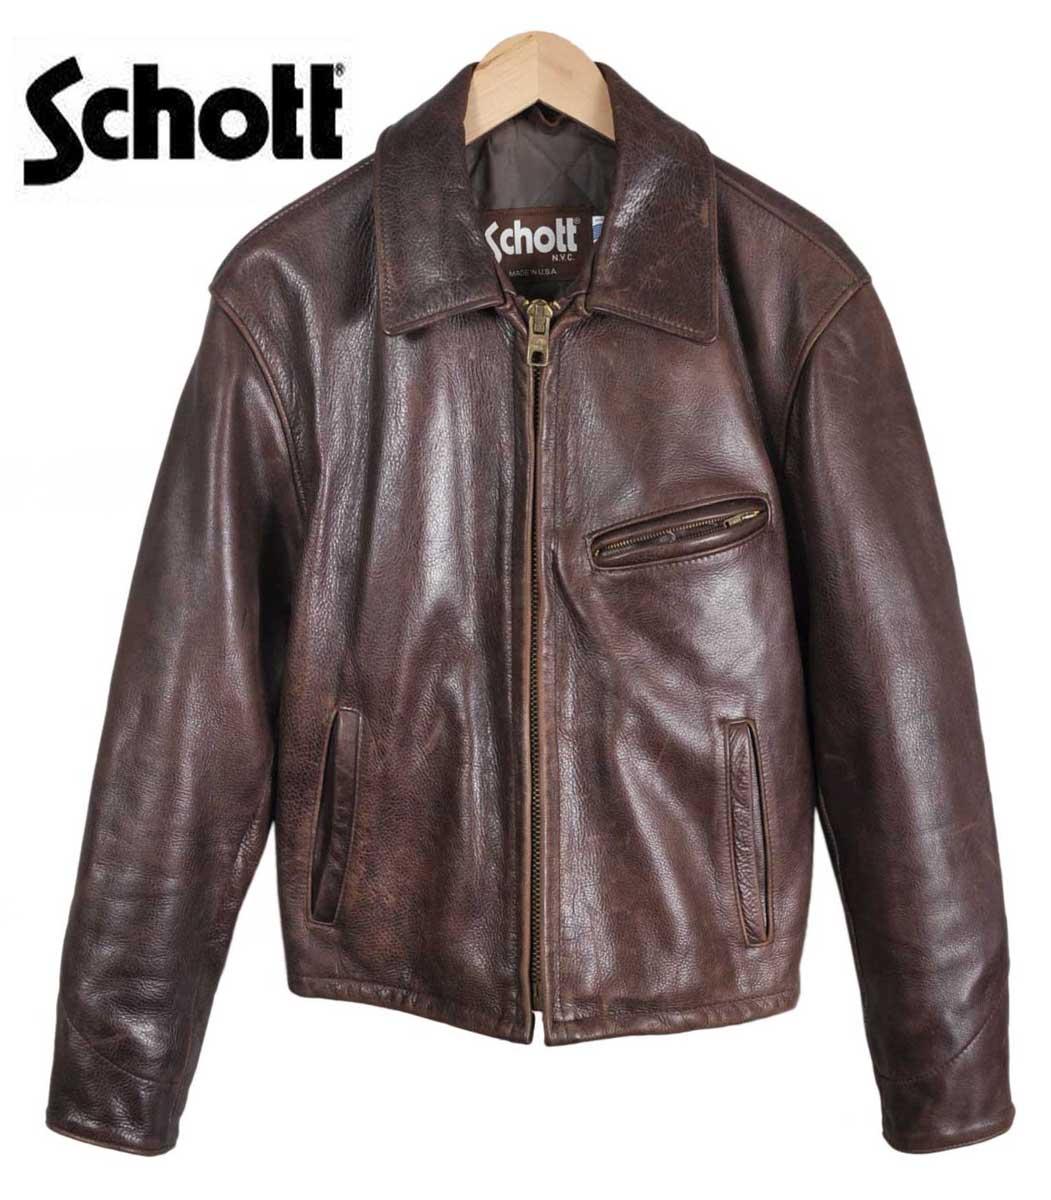 美國製造 / 肖特拍 / 跟蹤器外套皮夾克 / 絎縫班輪和深棕色皮革 steerhide / 36 男子 S 等於 1